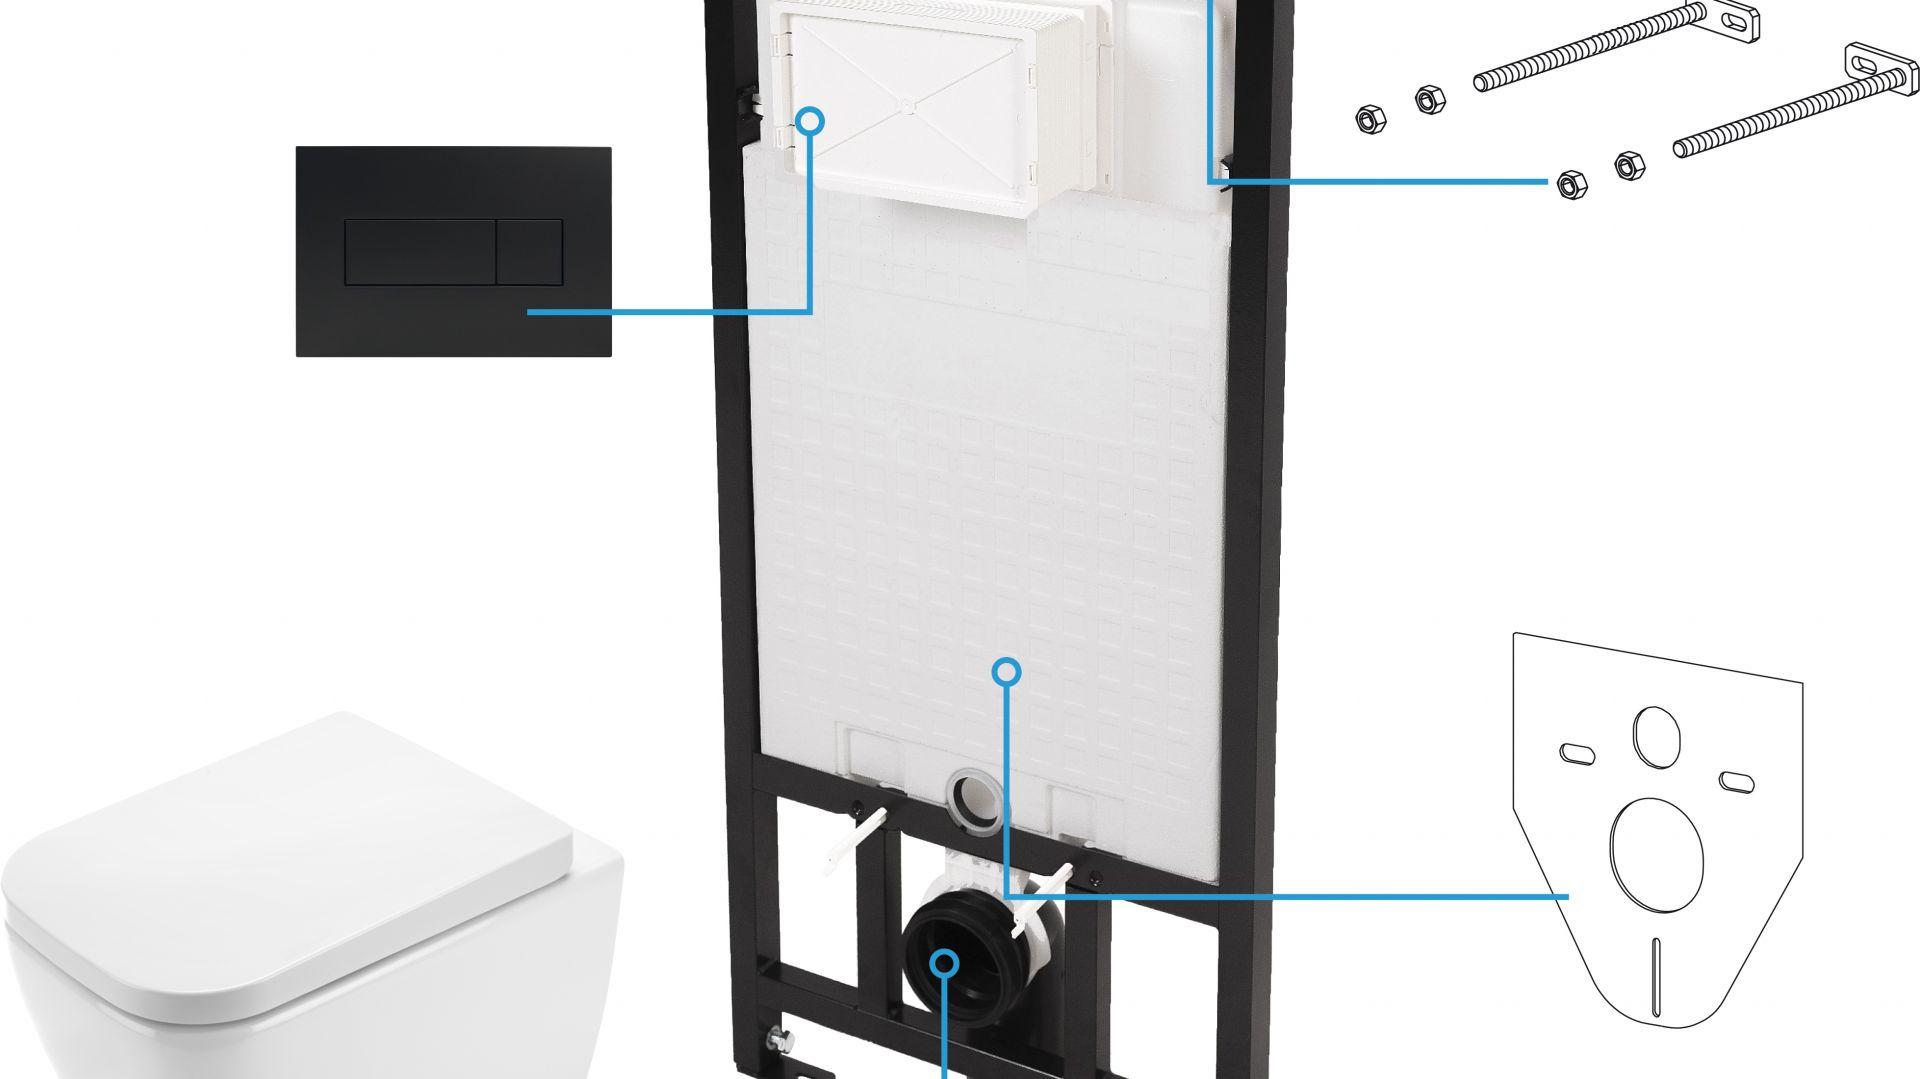 Zestaw 6w1 Hiacynt z m.in. podwieszaną miską toaletową, stelażem podtynkowym i przyciskiem spłukującym Slim czarnym. Fot. Deante